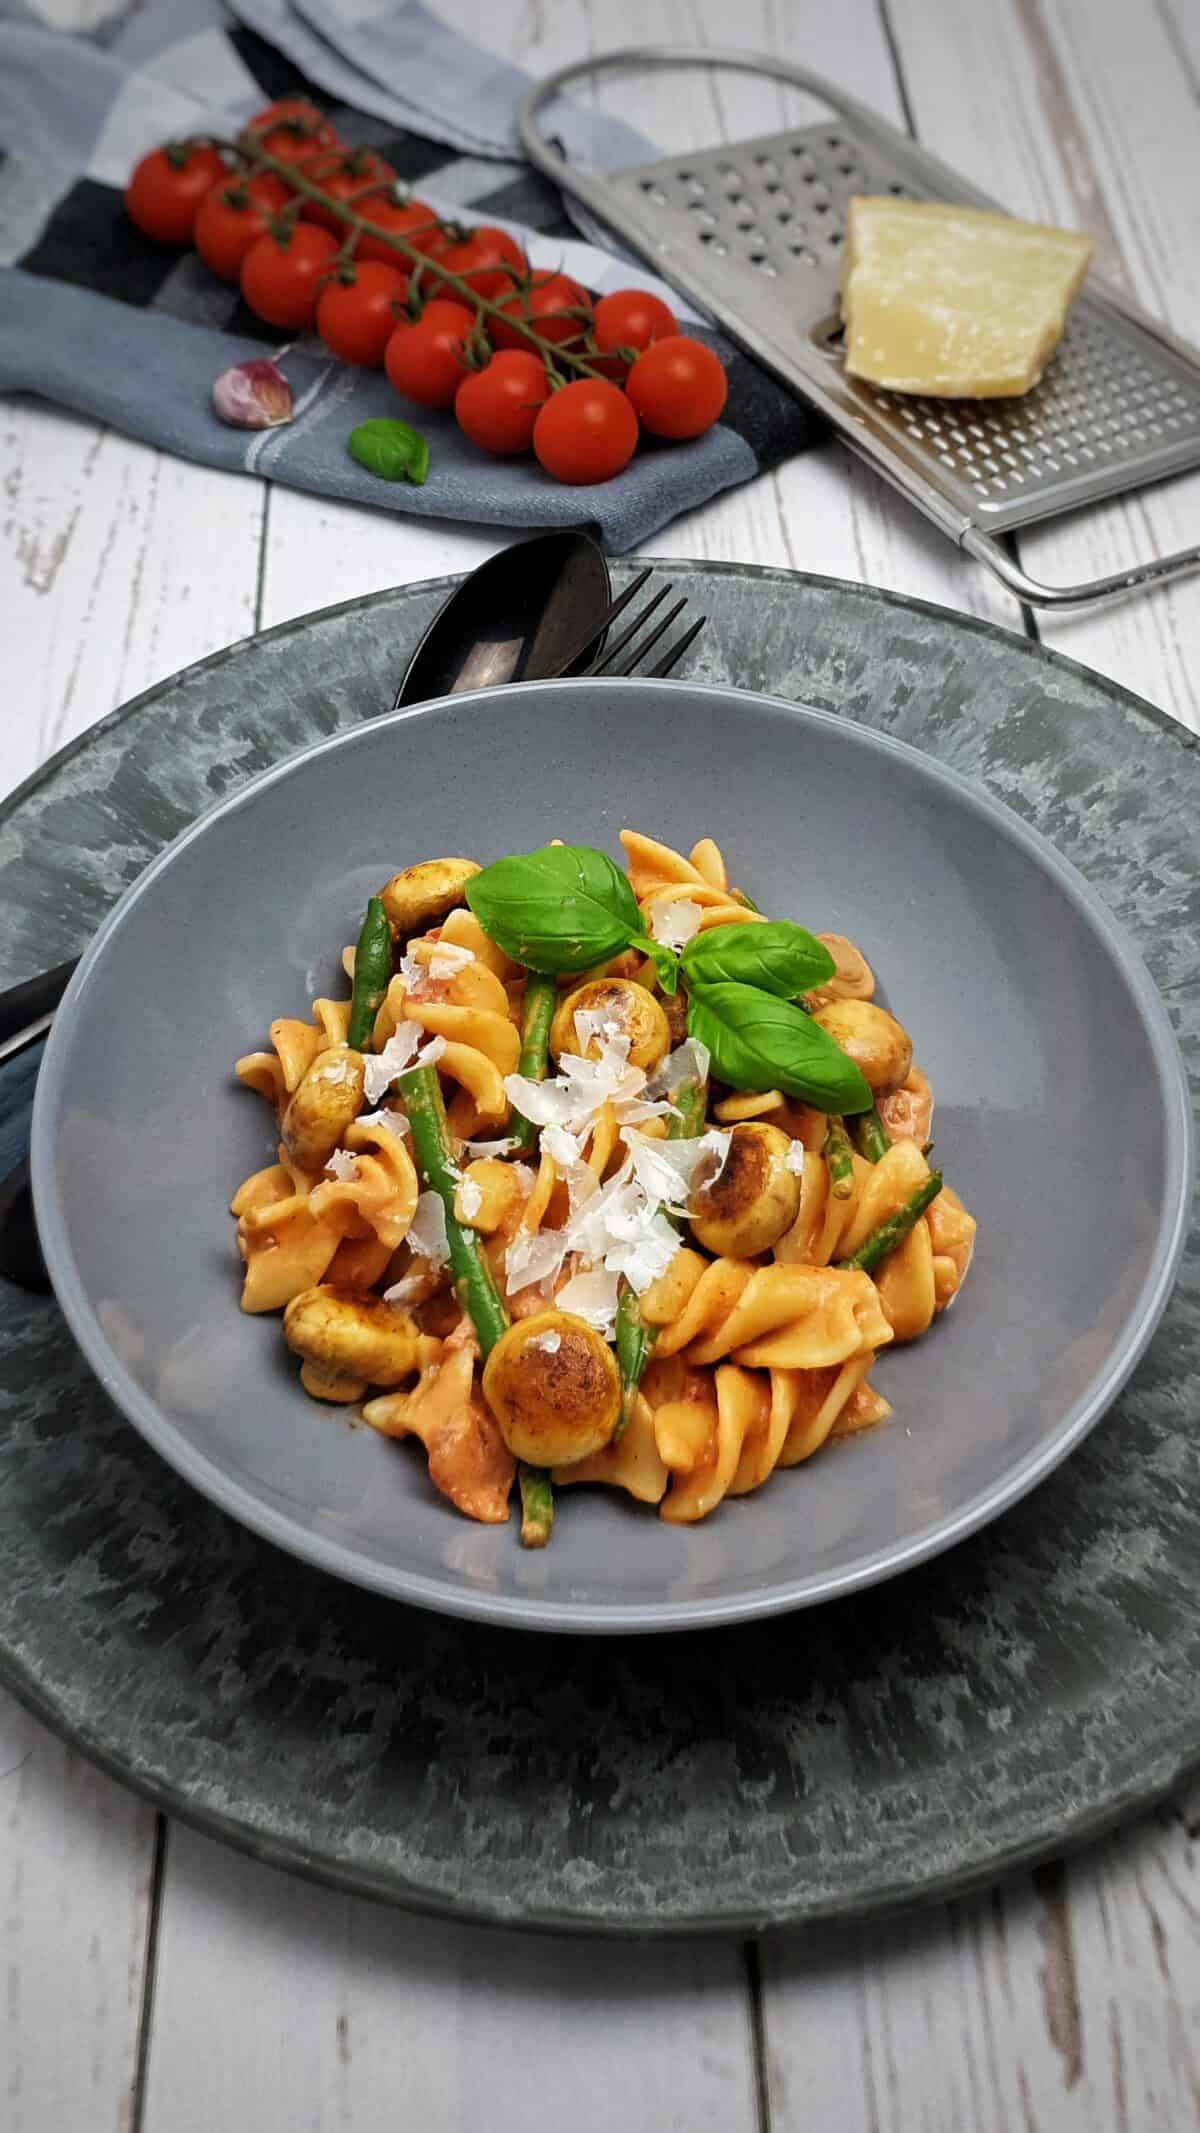 Pasta mit Tomaten-Frischkäse-Soße in einer grauen Schale angerichtet. Mit Parmesan bestreut und mit Basilikum serviert.